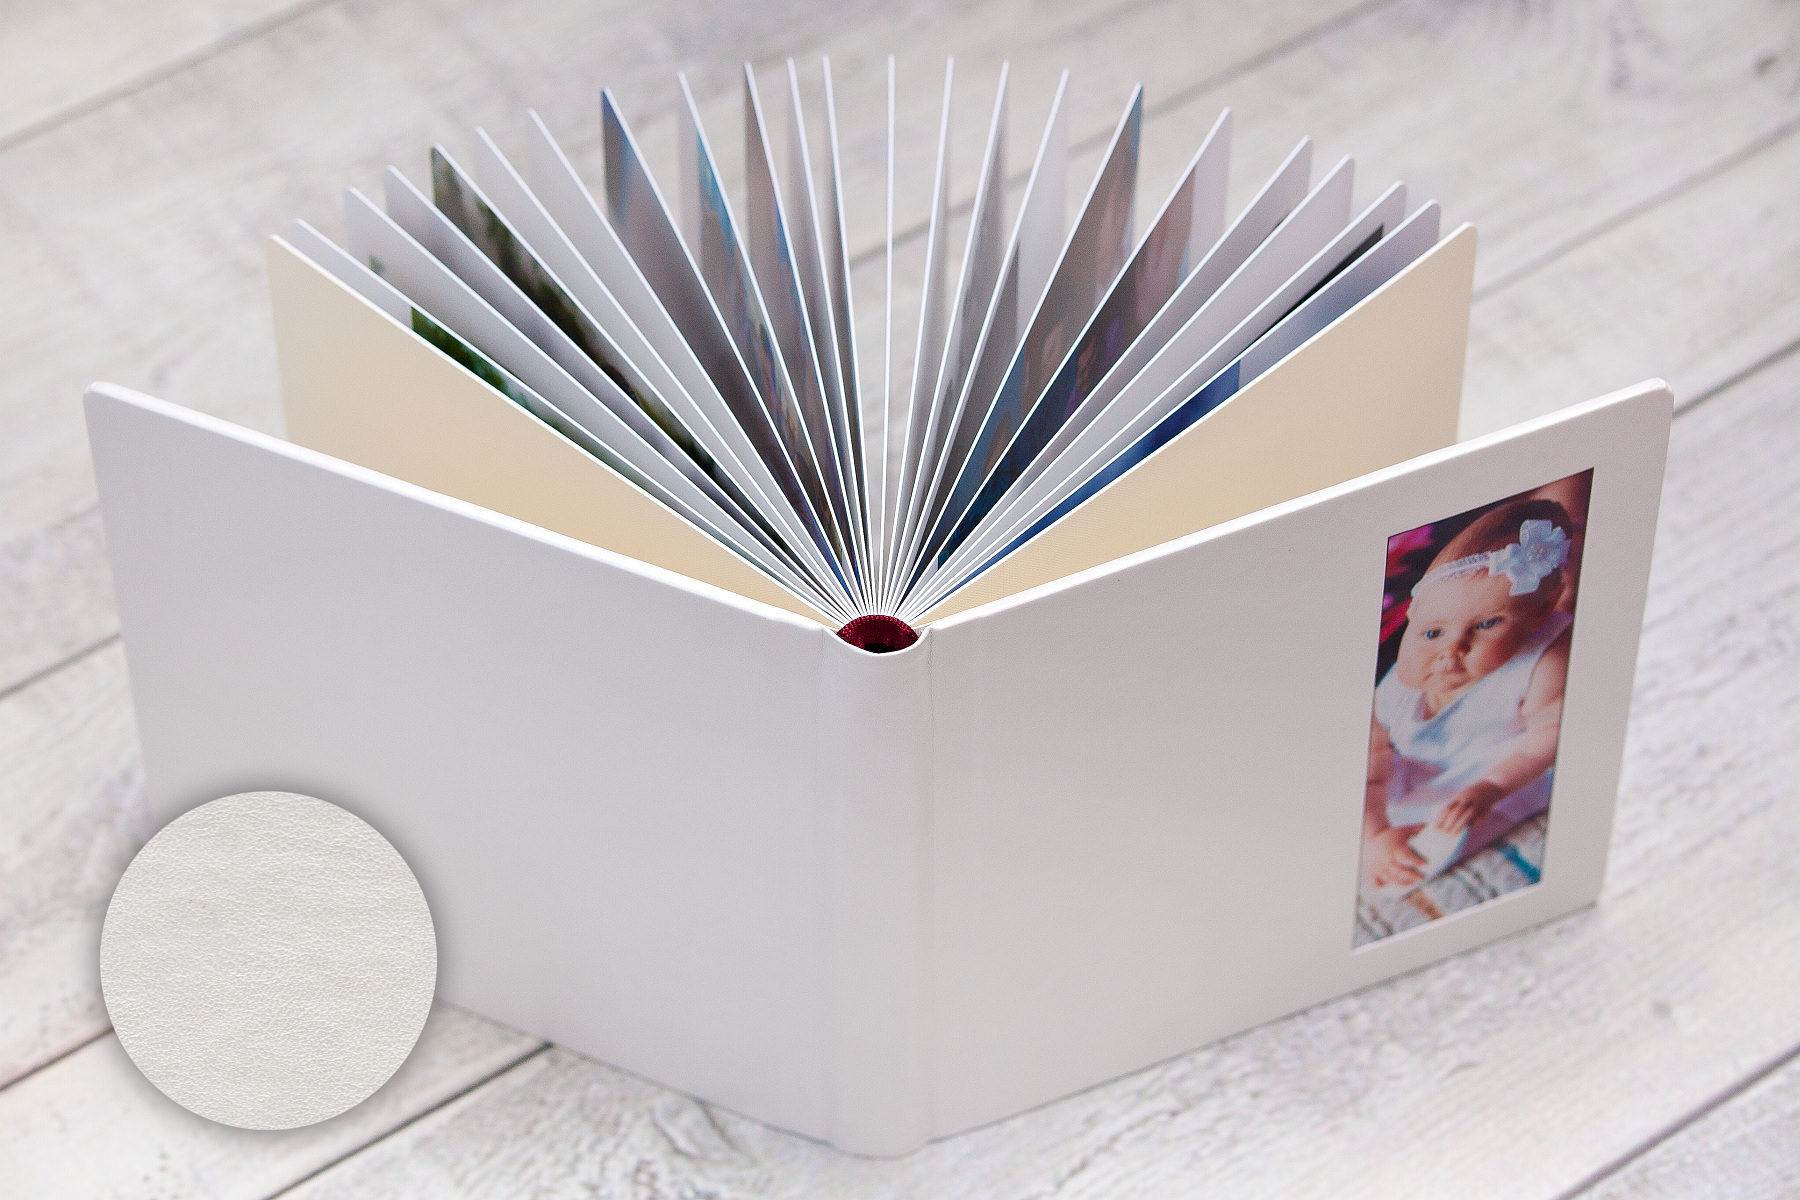 Chrzciny Alicji. Fotoksiążka 25x25cm (okładka ekoskóra), okno akrylowe, etui na album (ekoskóra), DVD z nadrukiem.